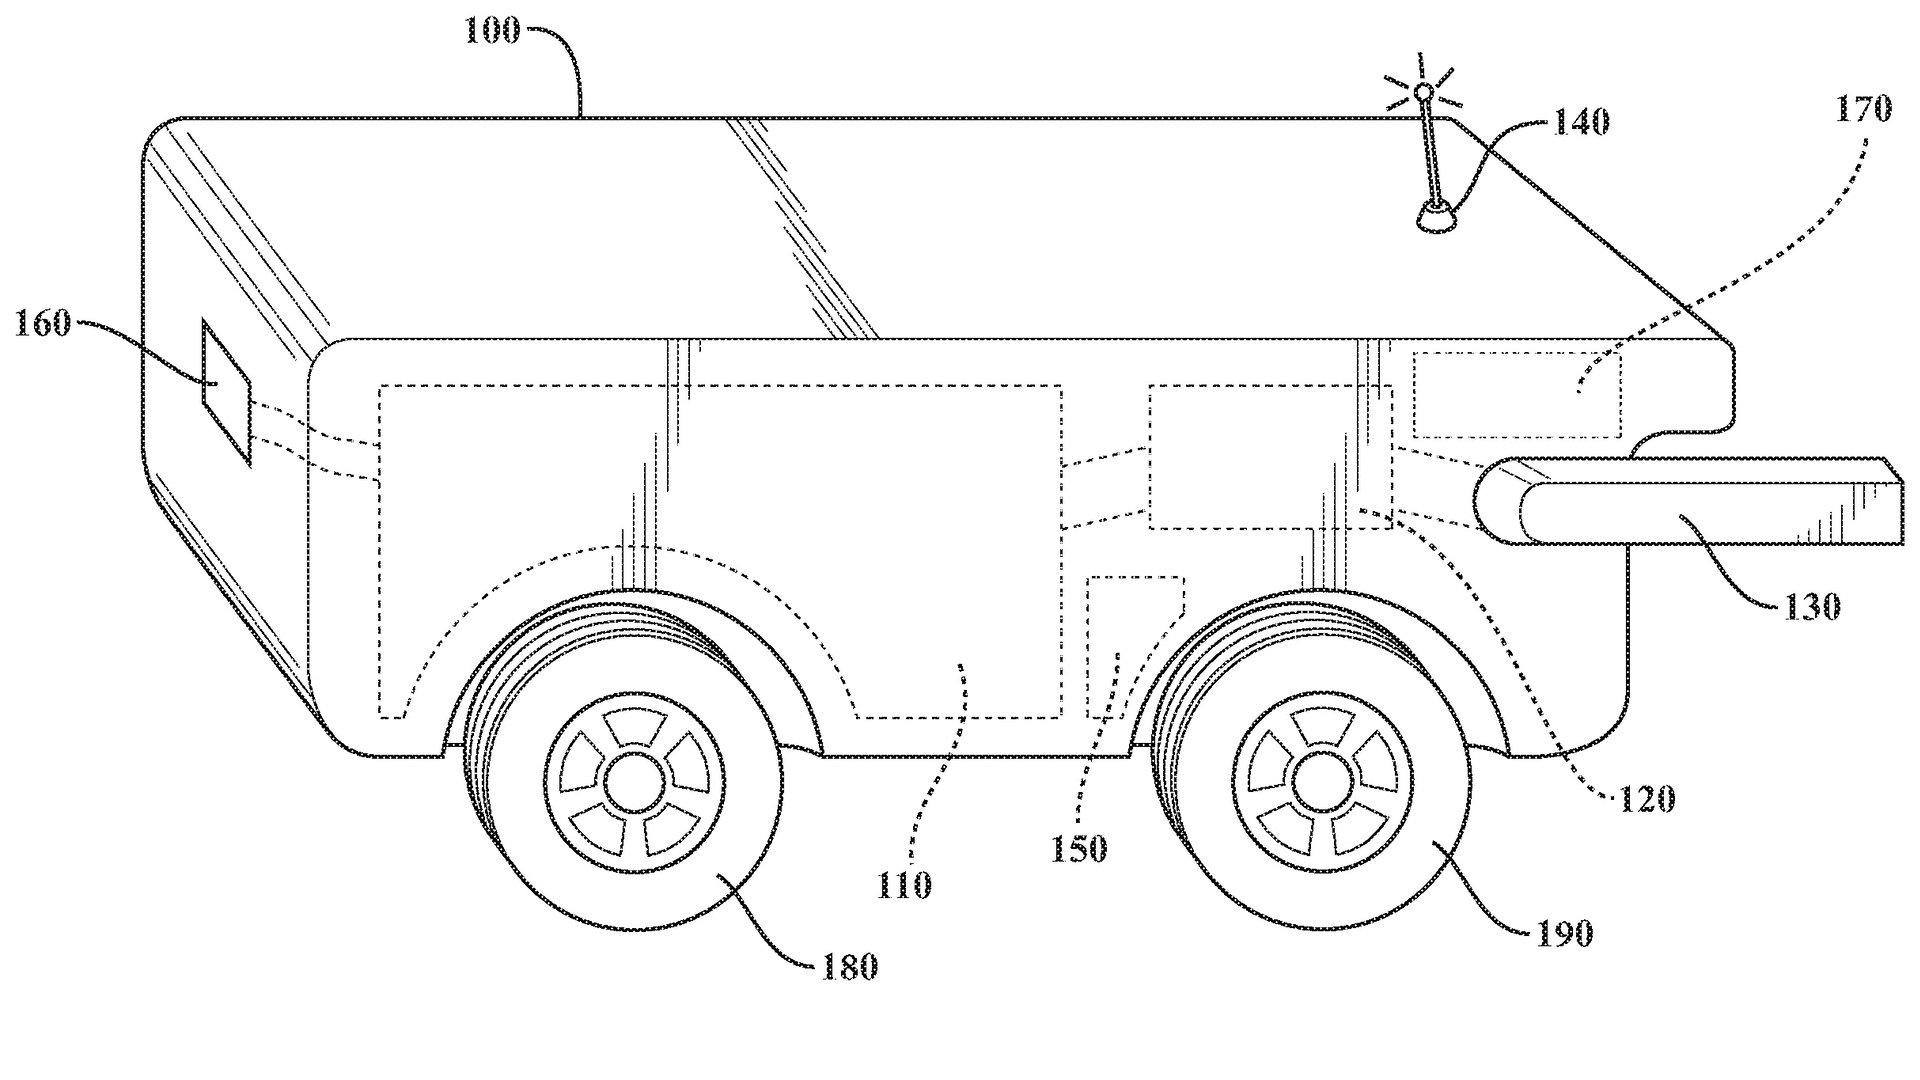 Toyota-autonomous-refueling-drone-patent-01